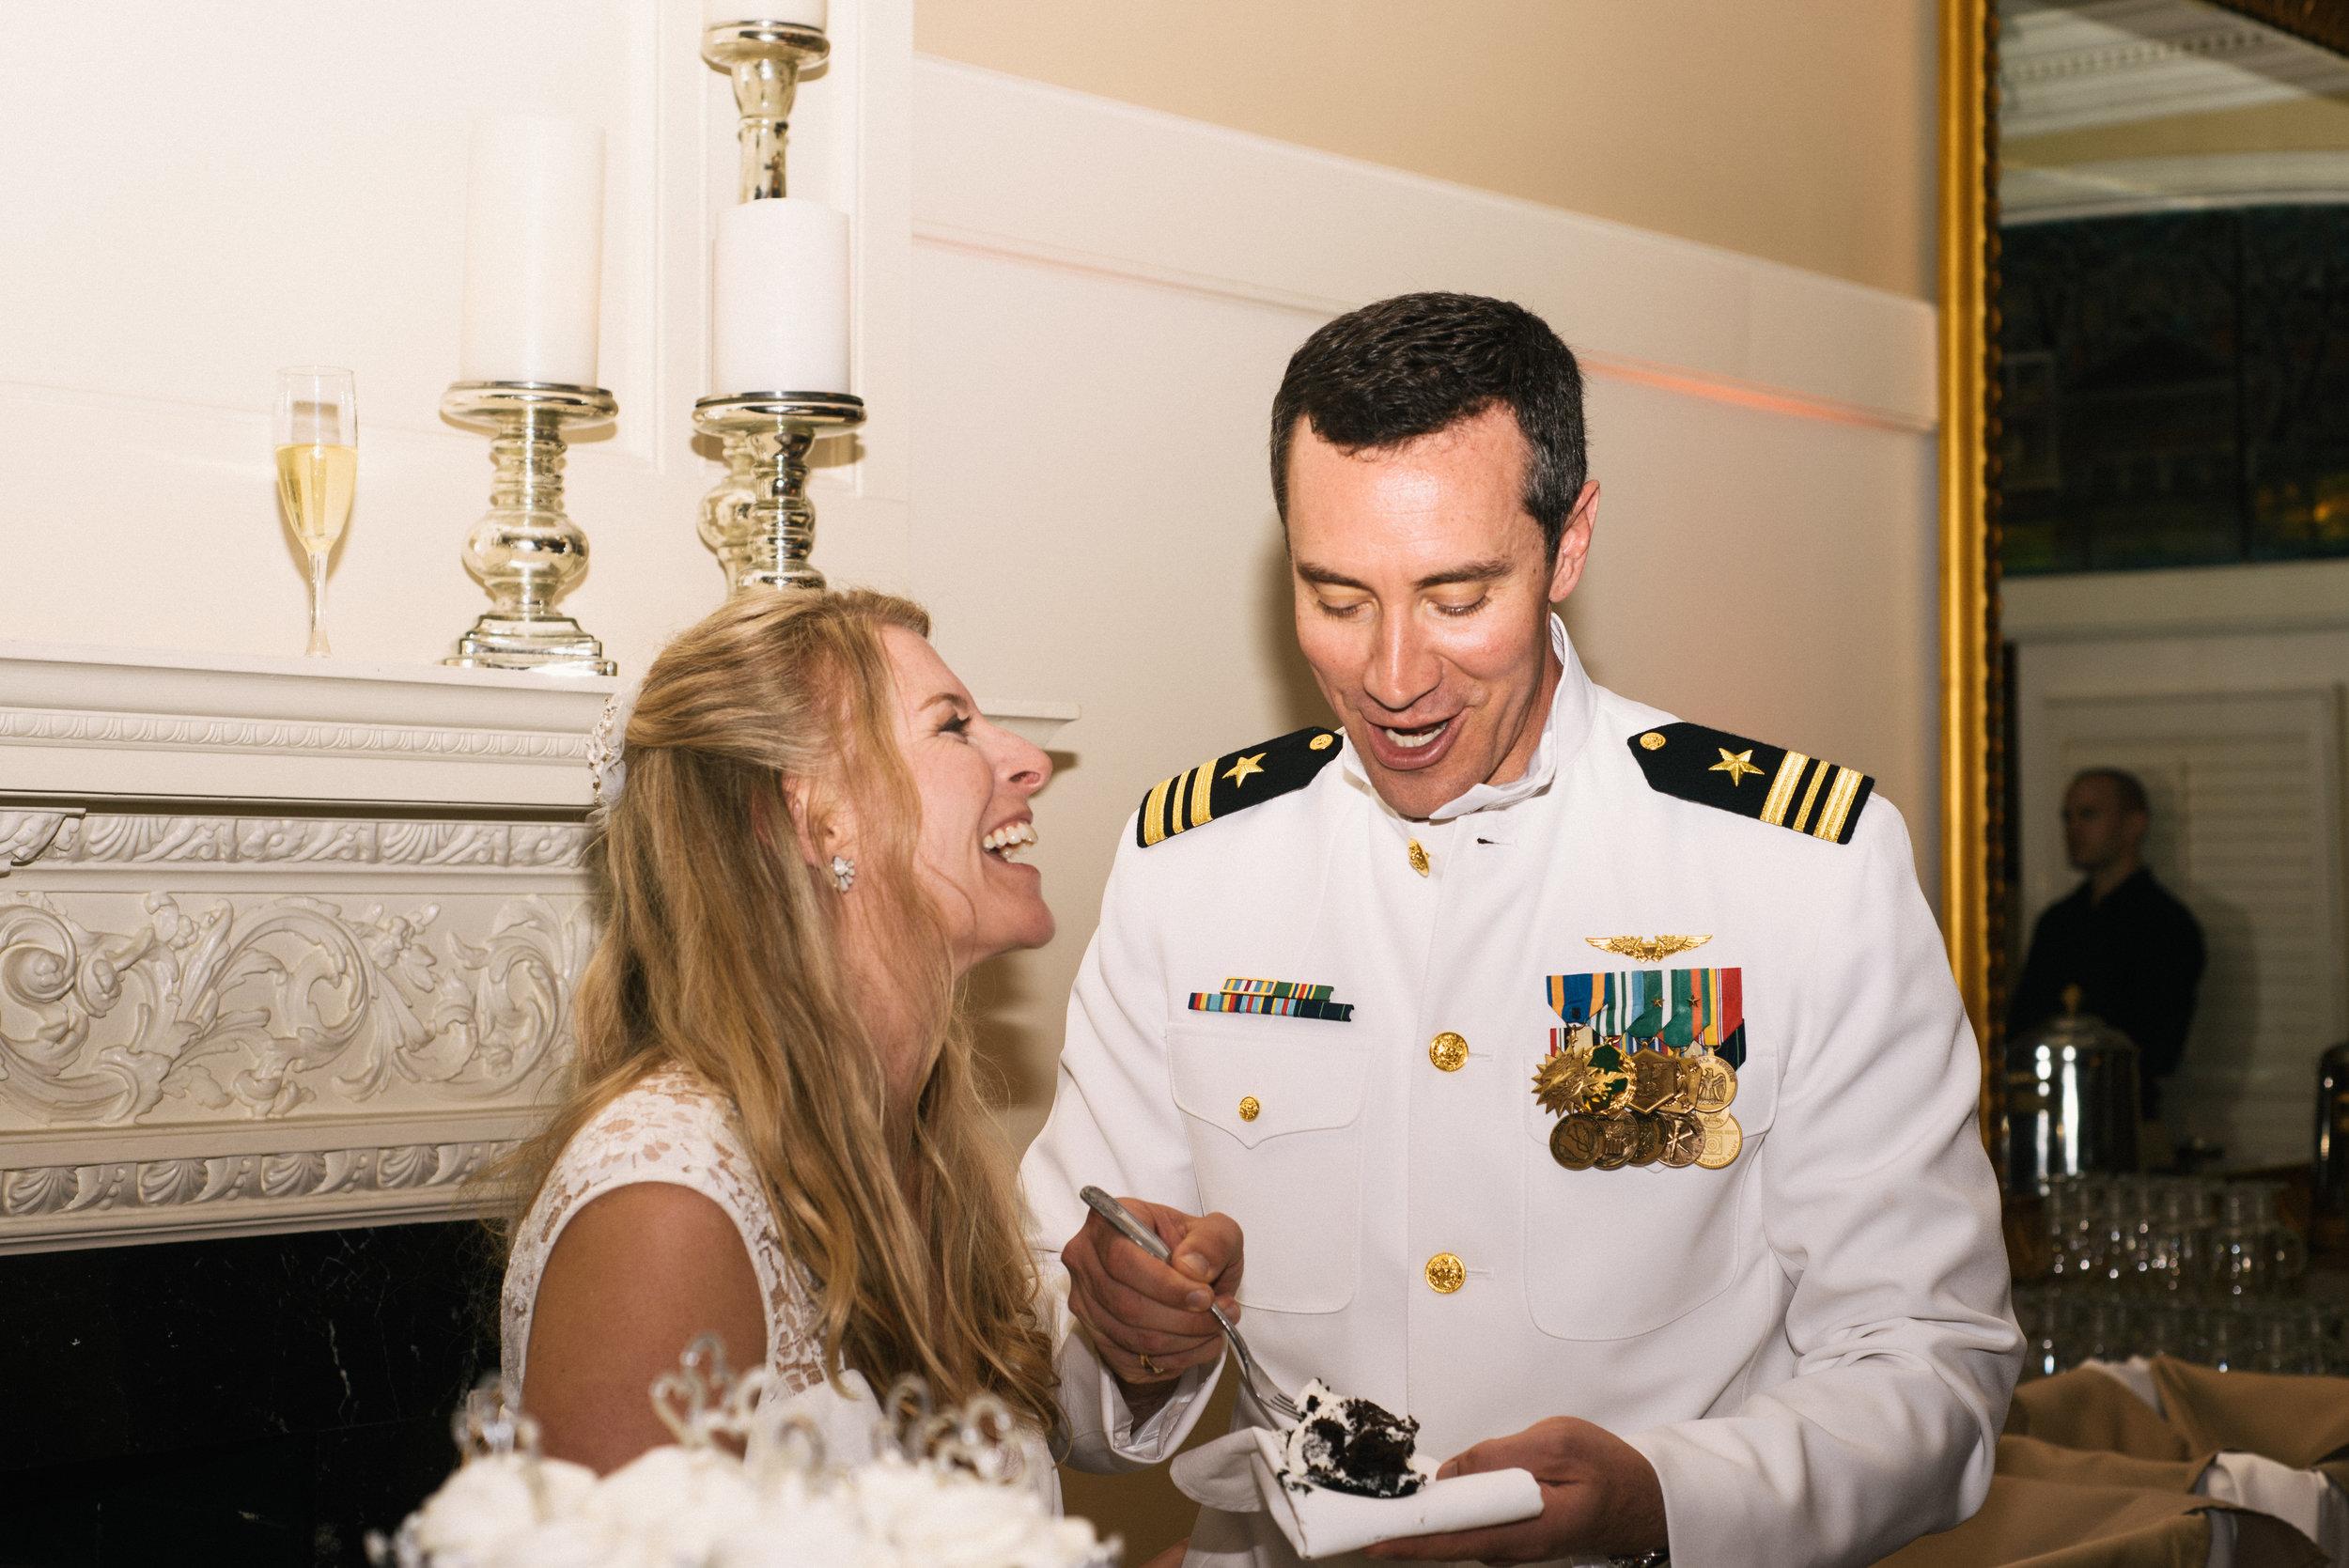 st-simons-island-elopement-photographer-savannah-elopement-photography-savannah-georgia-elopement-photographer-savannah-wedding-photographer-meg-hill-photo-jade-hill- (7 of 19).jpg